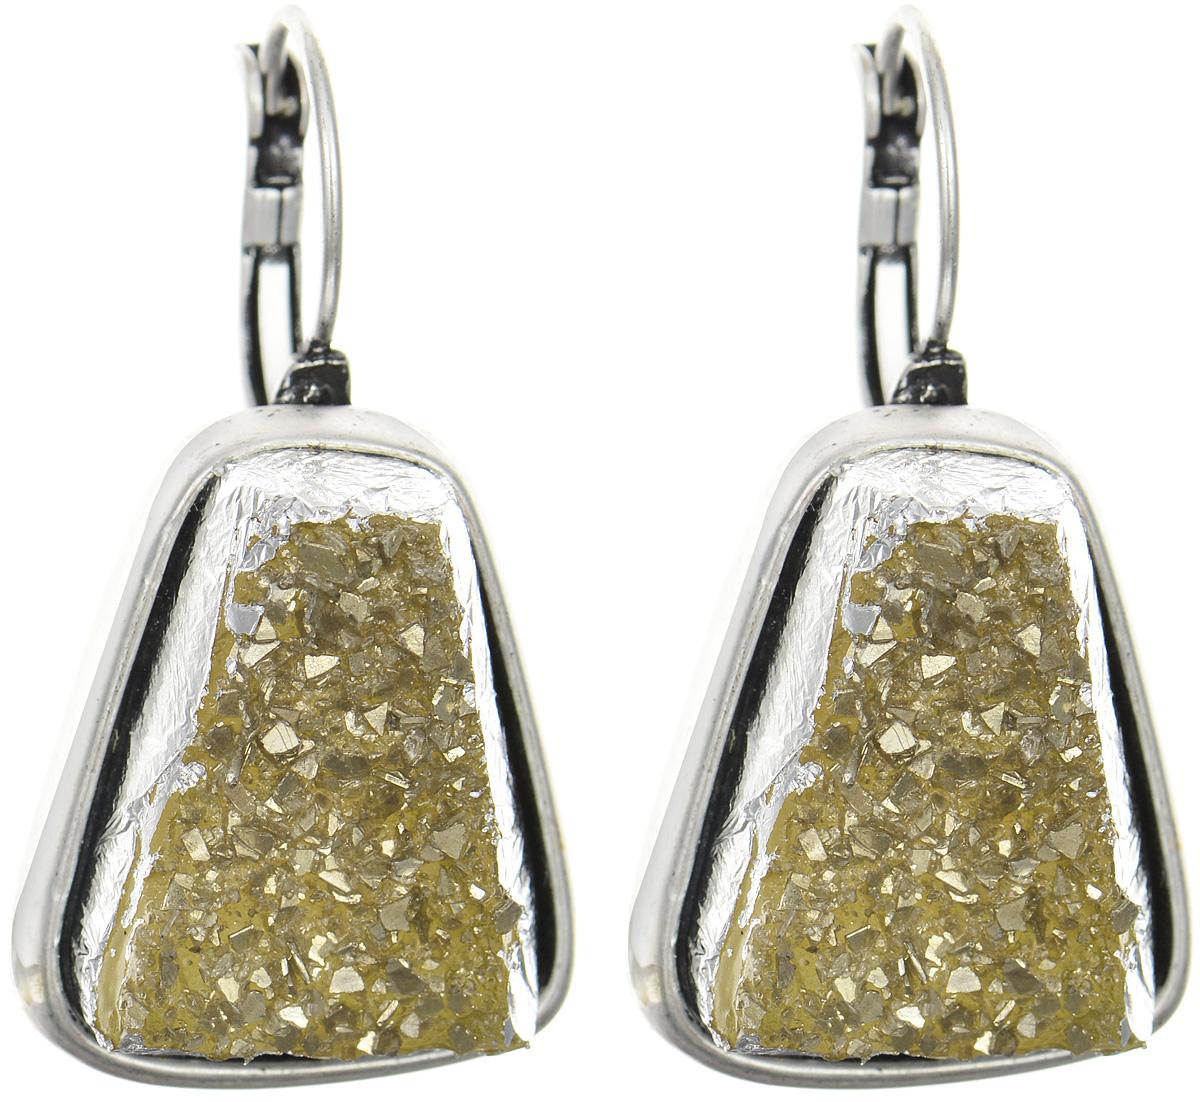 Серьги Art-Silver, цвет: серебряный, желтый. 182710-1-240182710-1-240Оригинальные серьги Art-Silver выполнены из бижутерного сплава. В качестве основы украшения использован замок-петля. Изделие оформлено оригинальной вставкой из полимера, имитирующей натуральный камень. Изысканные серьги станут модным аксессуаром для повседневного наряда, они подчеркнут вашу индивидуальность и неповторимый стиль и помогут создать незабываемый уникальный образ.